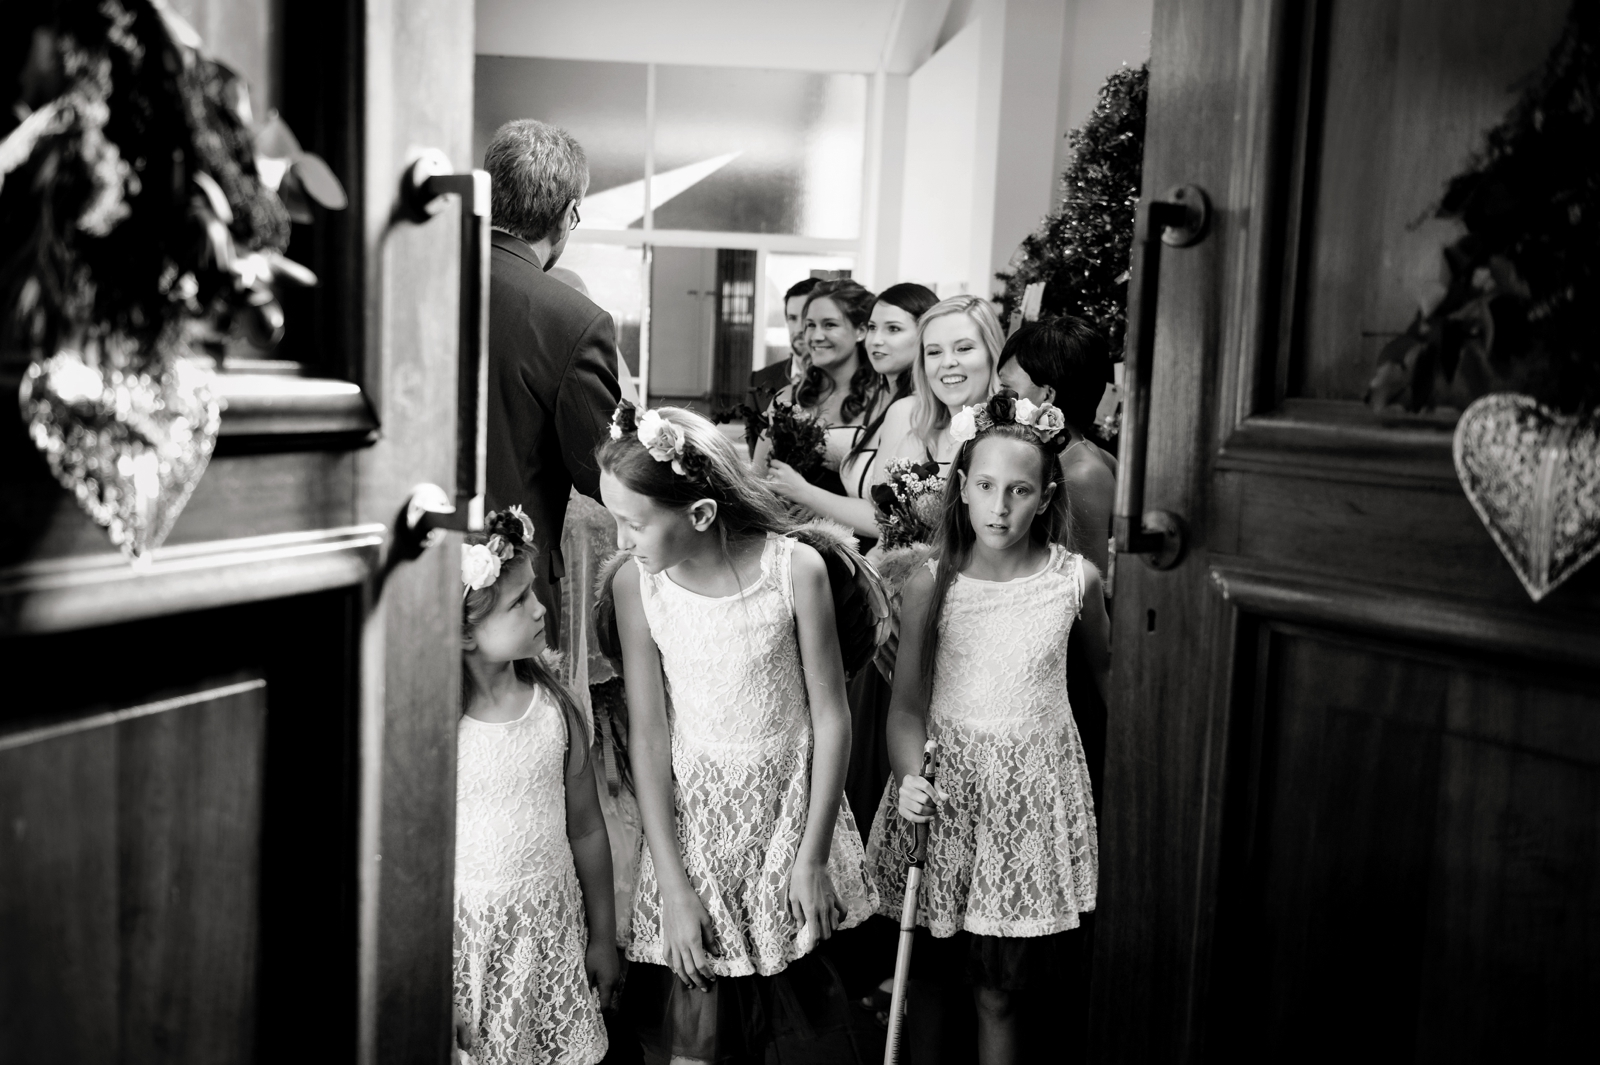 Wedding procession